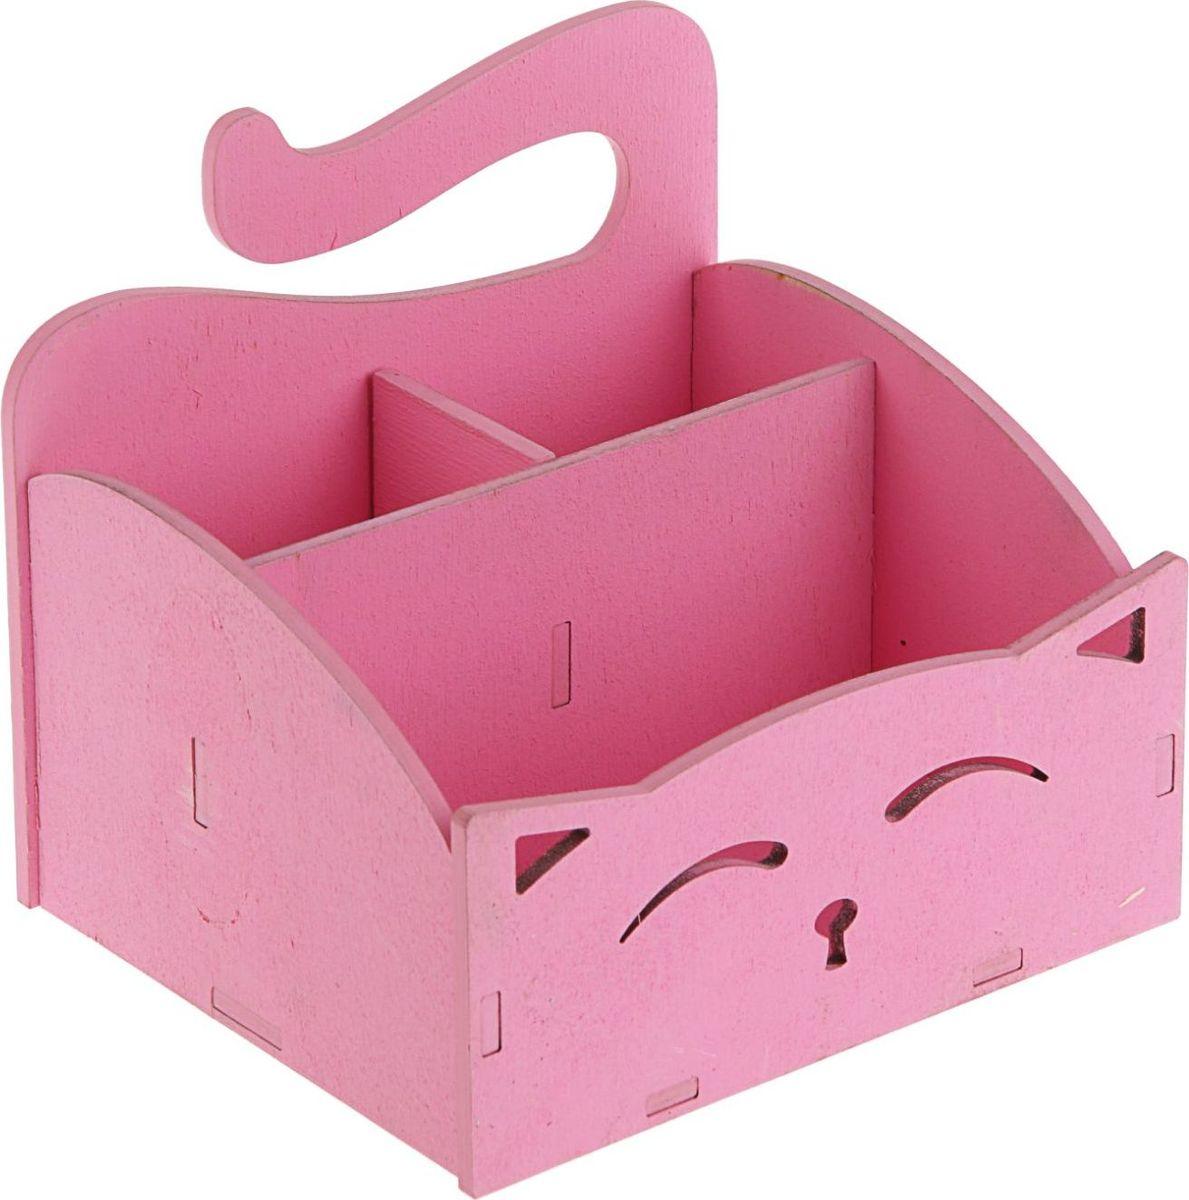 Кашпо ТД ДМ Ящик. Кошечка, цвет: розовый, 15,4 х 13 х 13,5 см144194Кашпо ТД ДМ Ящик. Кошечка имеет уникальную форму, сочетающуюся как с классическим, так и с современным дизайном интерьера. Оно изготовлено из дерева и предназначено для выращивания растений, цветов и трав в домашних условиях.Кашпо порадует вас функциональностью, а благодаря лаконичному дизайну впишется в любой интерьер помещения. Размеры кашпо: 15,4 х 13 х 13,5 см.